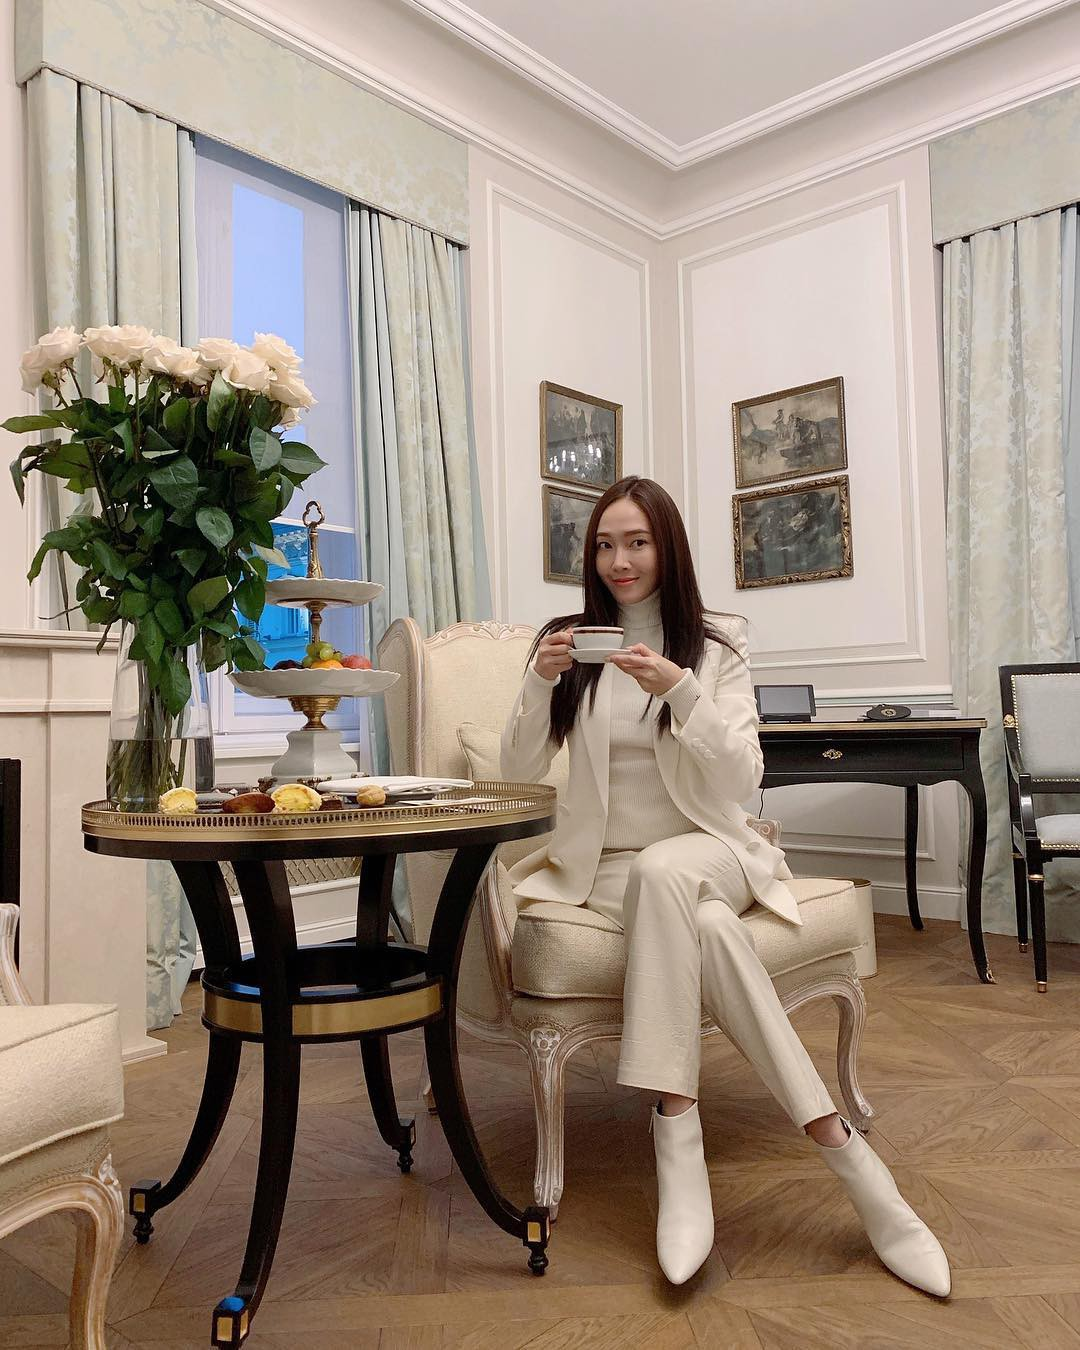 """Chỉ là blazer trắng mà có cả chục cách mix khác biệt, Jessica Jung quả xứng danh """"cao thủ mặc đẹp"""" - Ảnh 4."""